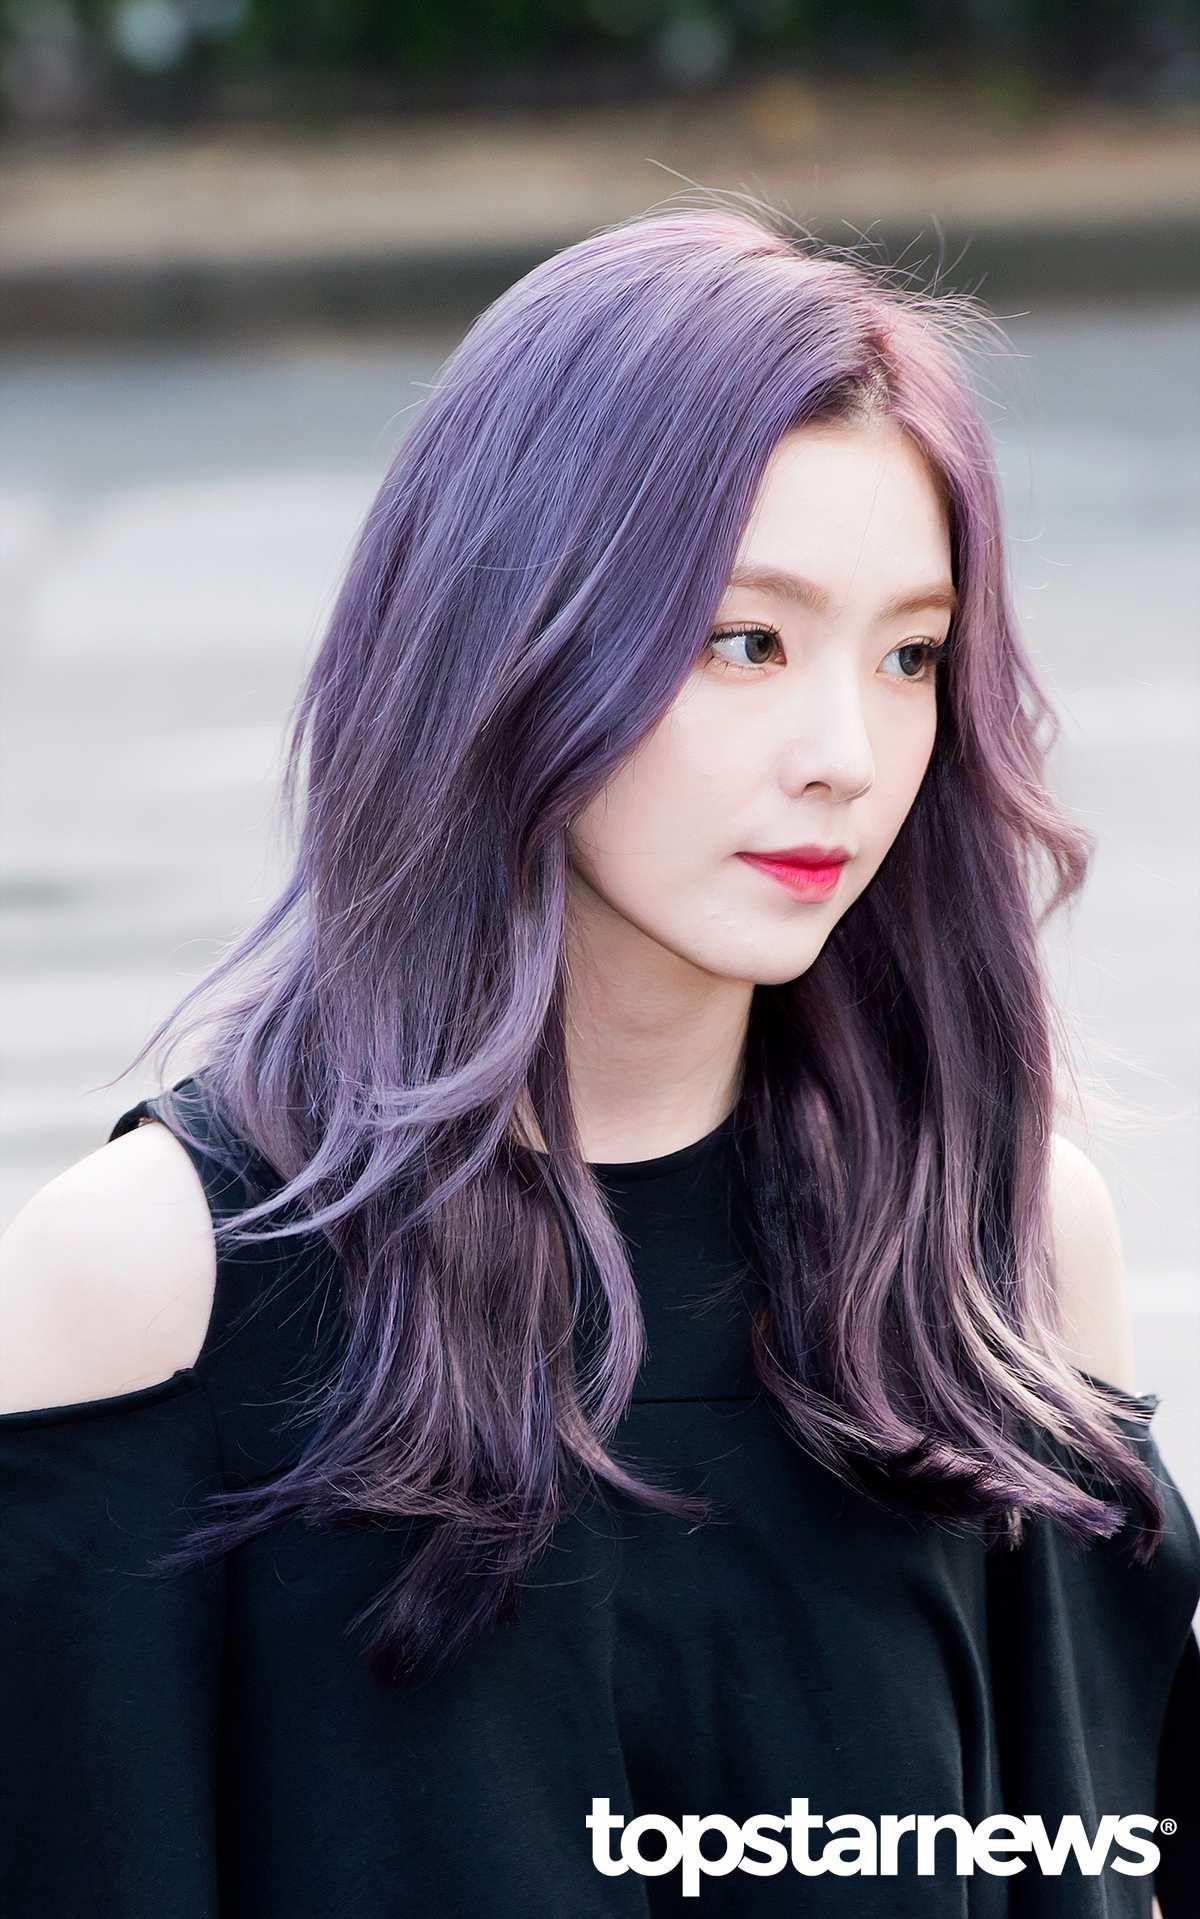 大家應該都猜到了,這位偶像就是Red Velvet的隊長Irene吧?雖然剛出道當時,被說和師姐太妍長得很相像,但現在大家更認證Irene本身自帶的魅力。